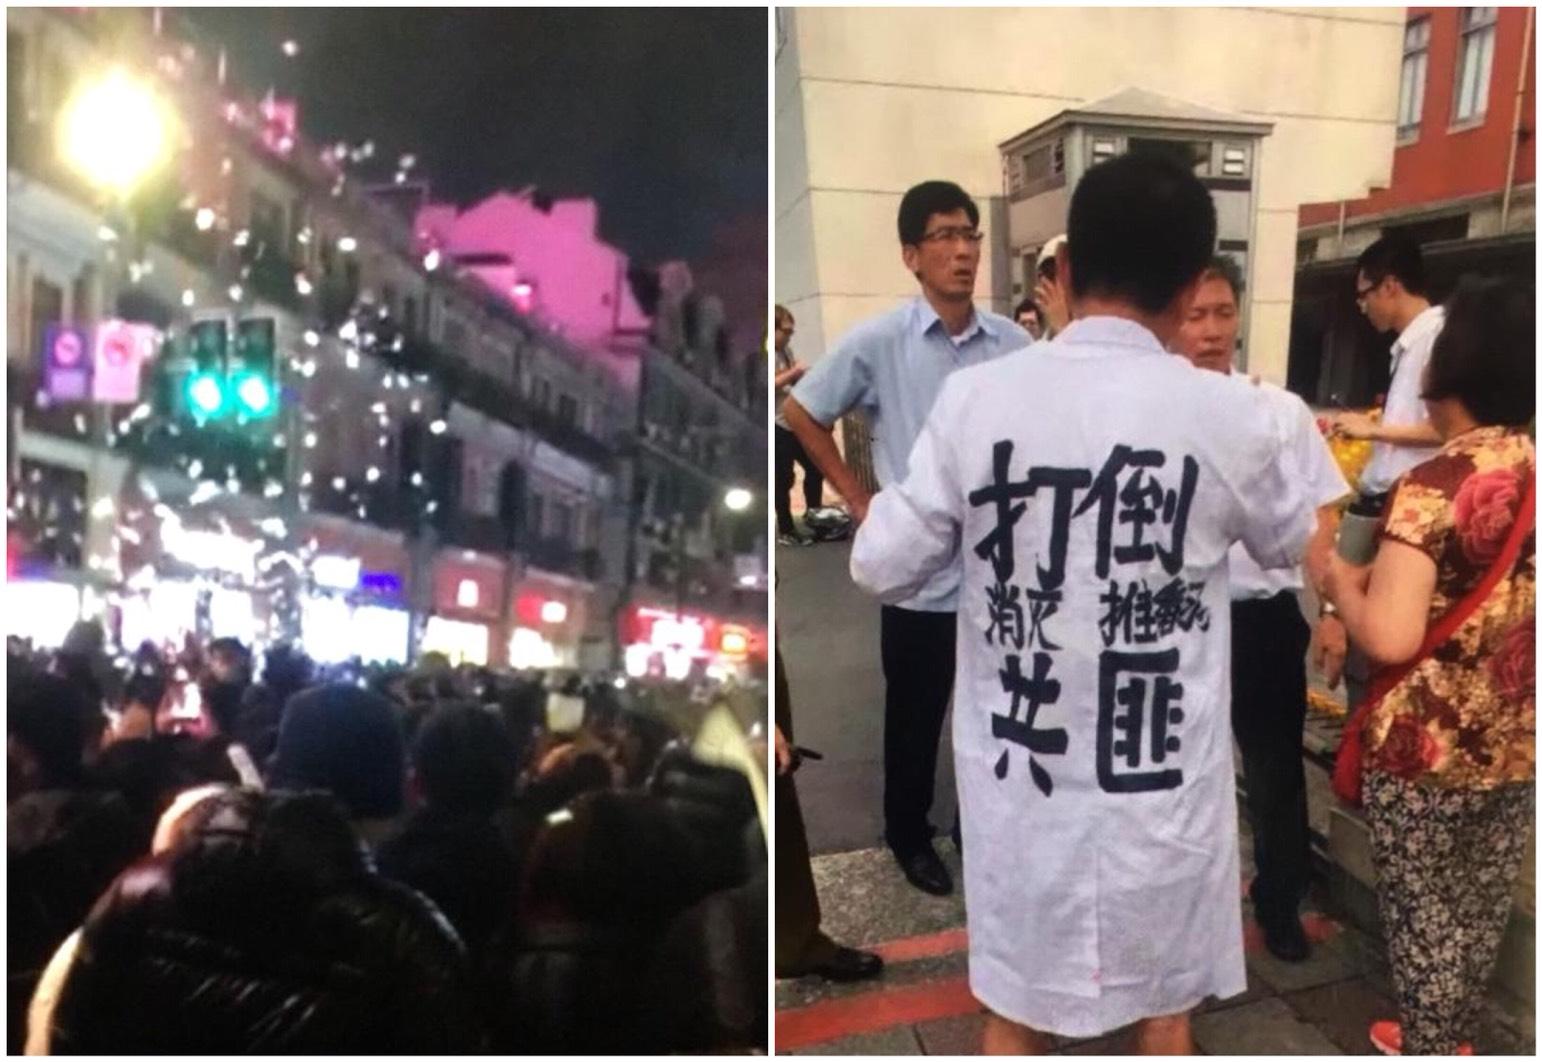 上海維權人士因發表撐港以及呼籲全世界滅共言論遭刑拘。(受訪者提供)